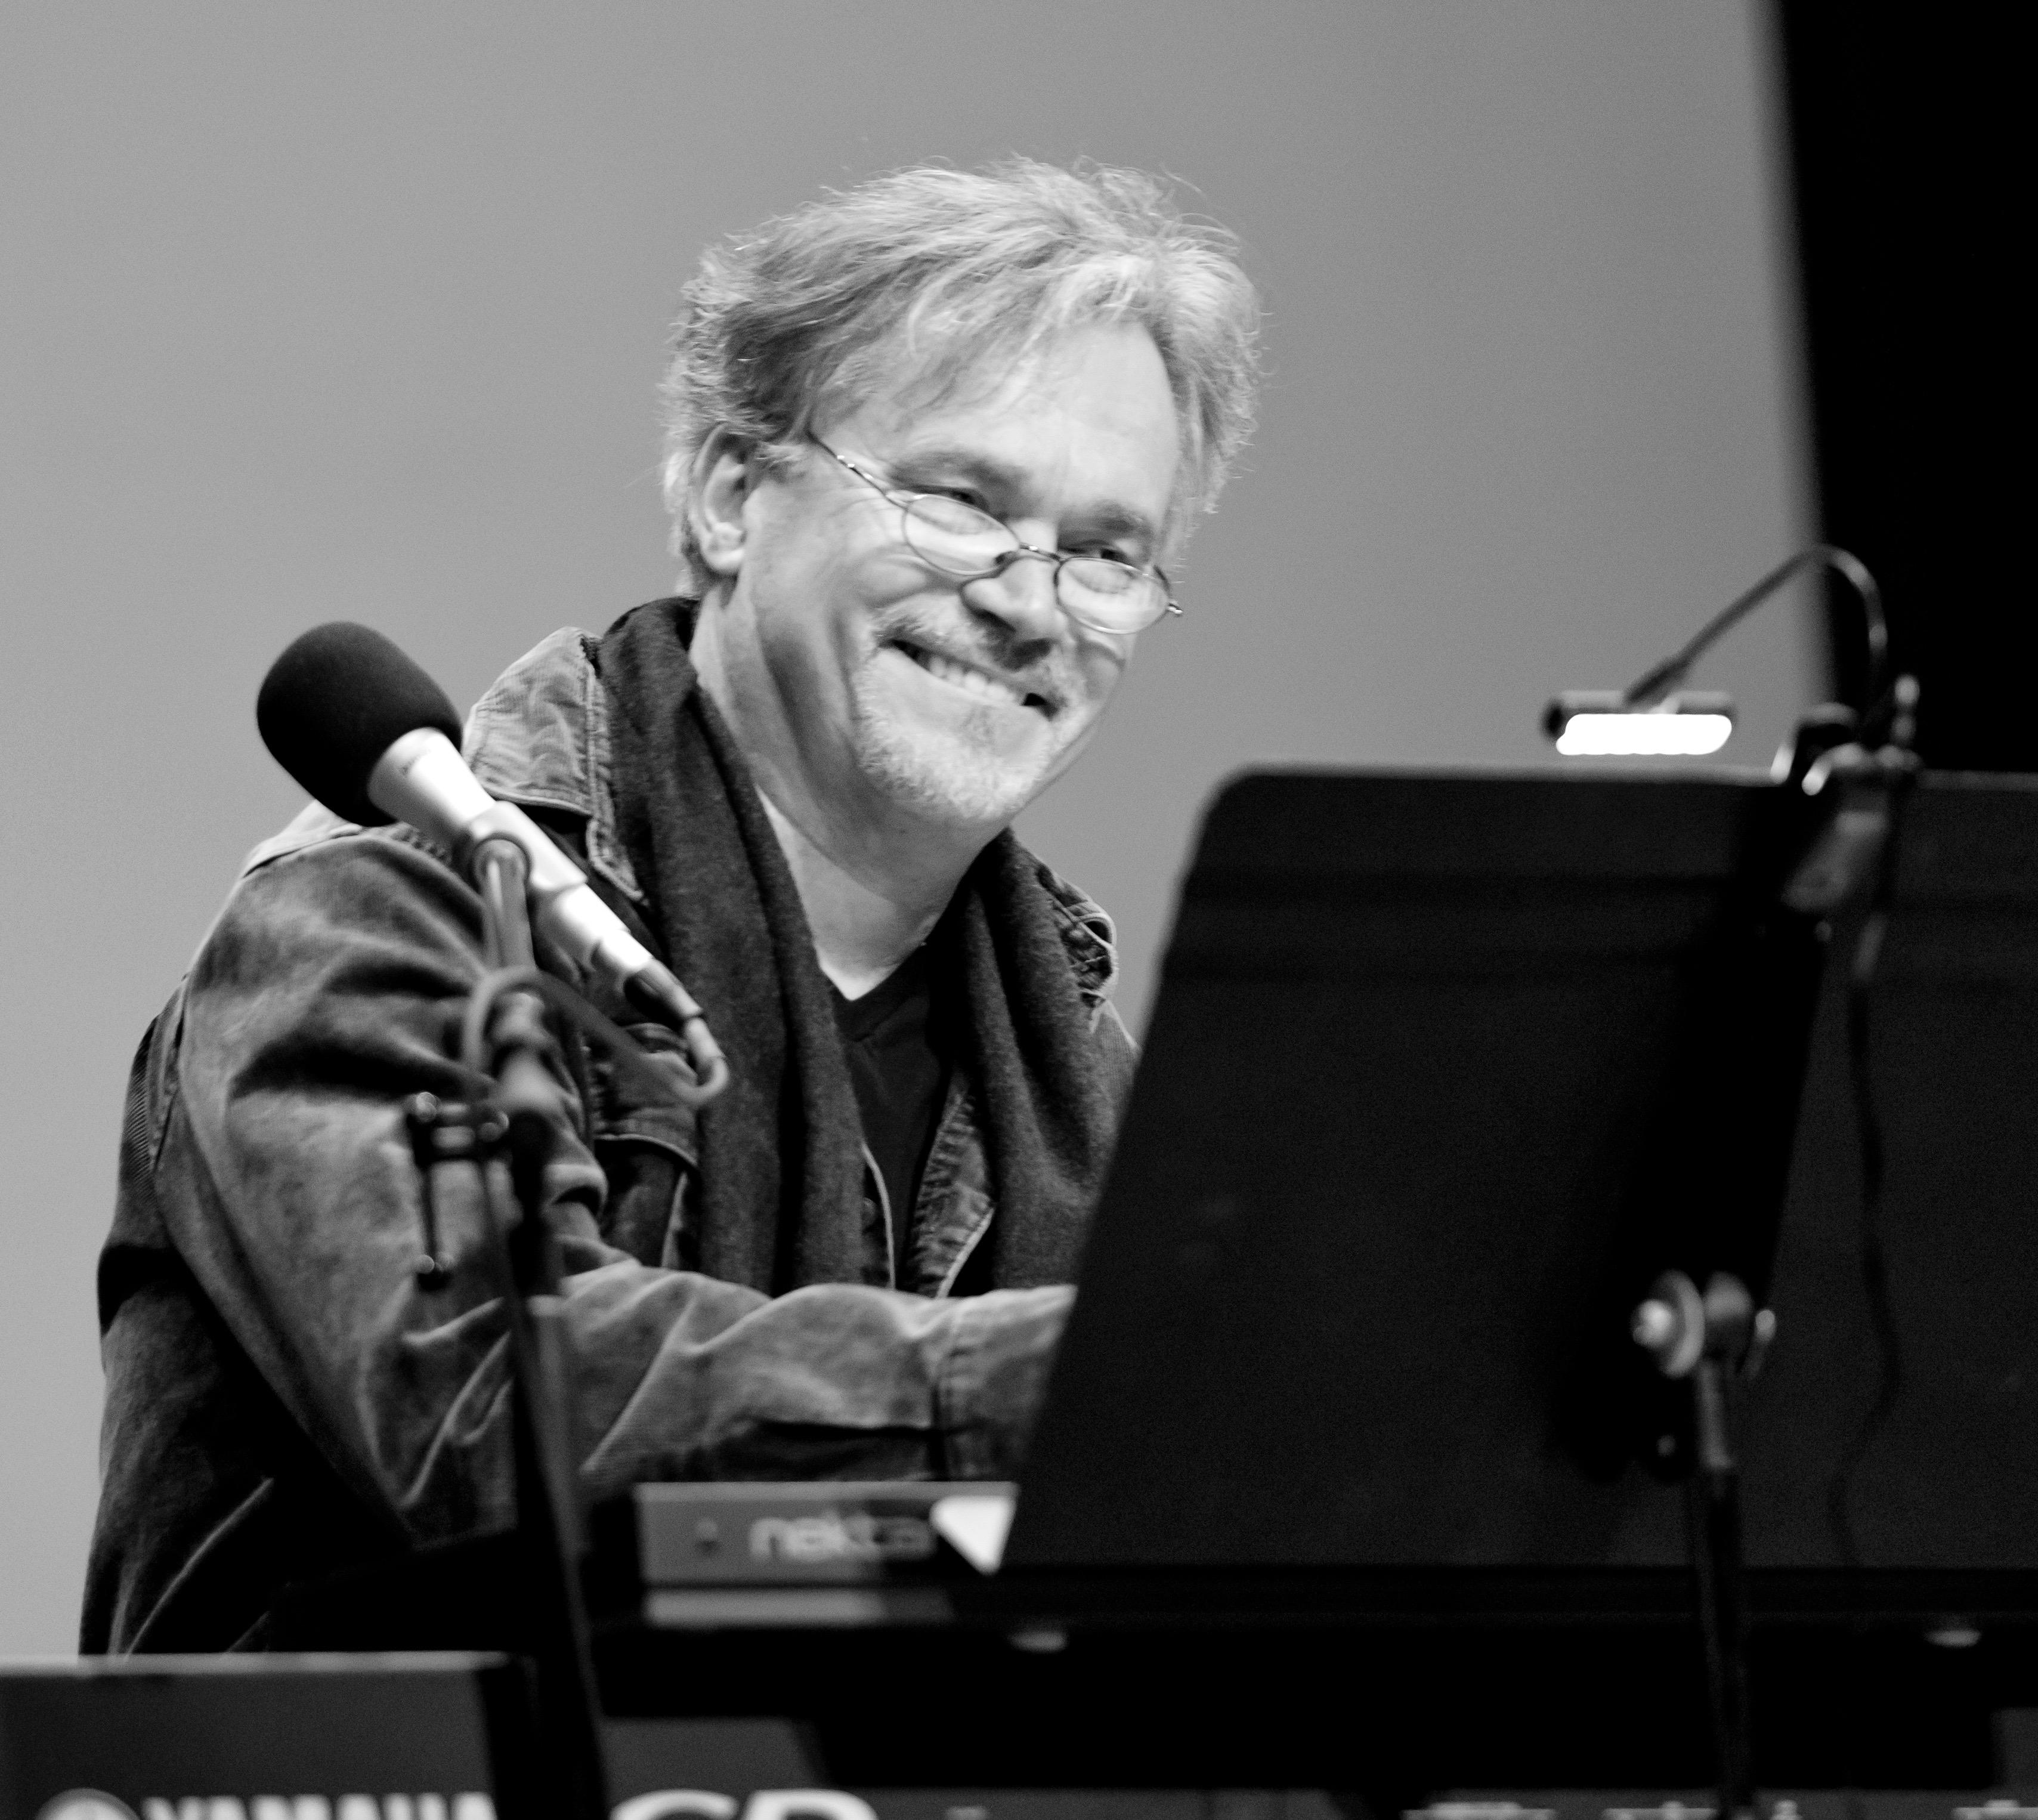 Jeff Johnson (musician) - Wikipedia